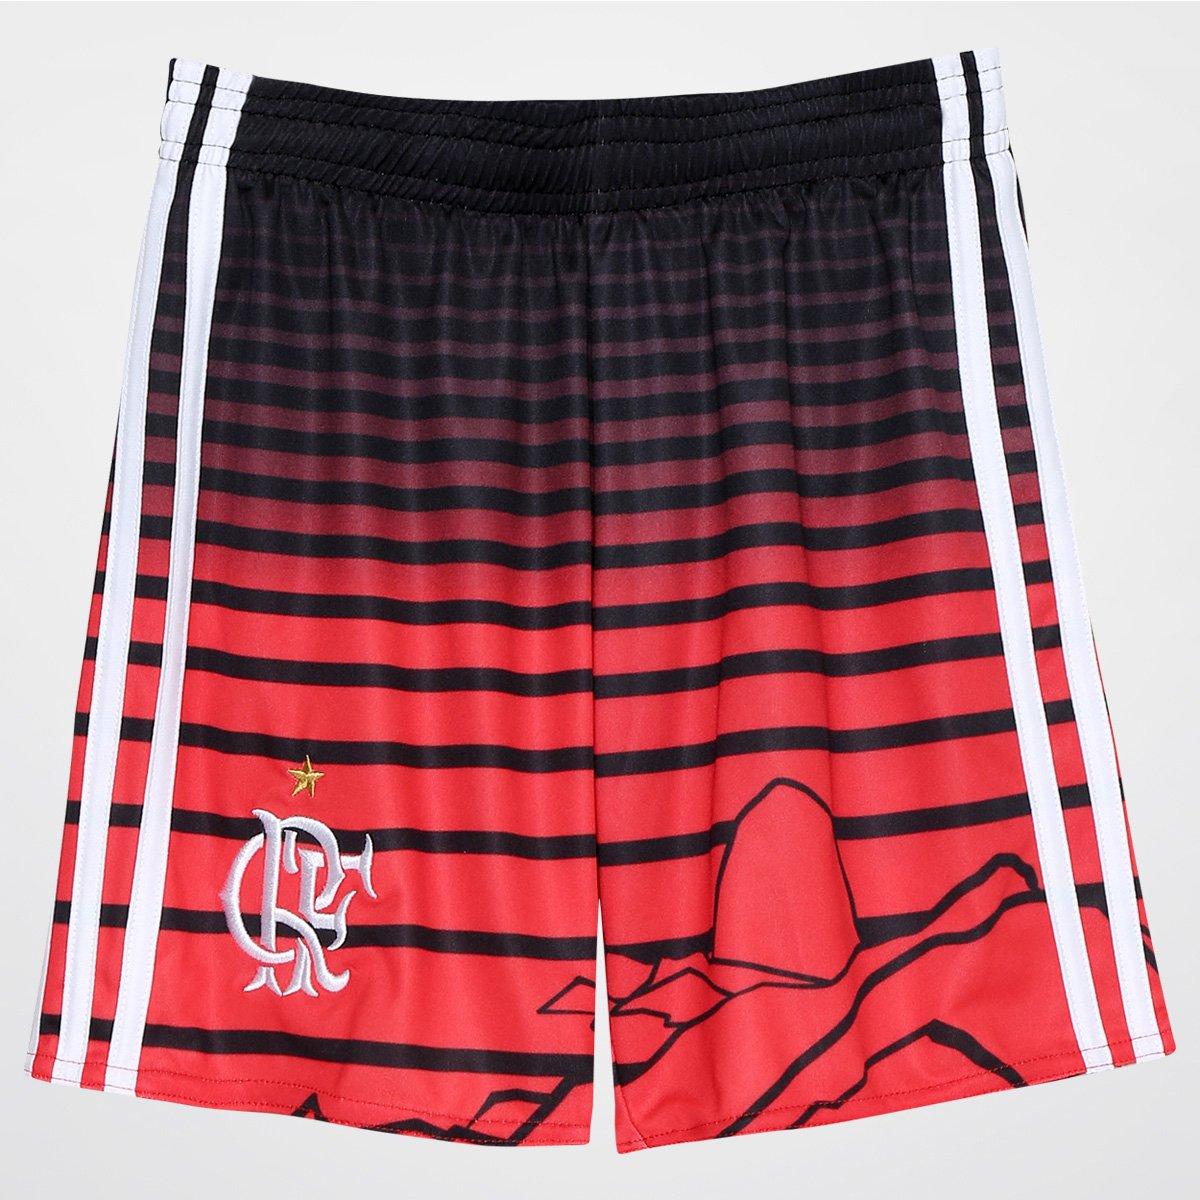 Calção Flamengo Infantil III 2016 Adidas - Compre Agora  99e3f85e939f5